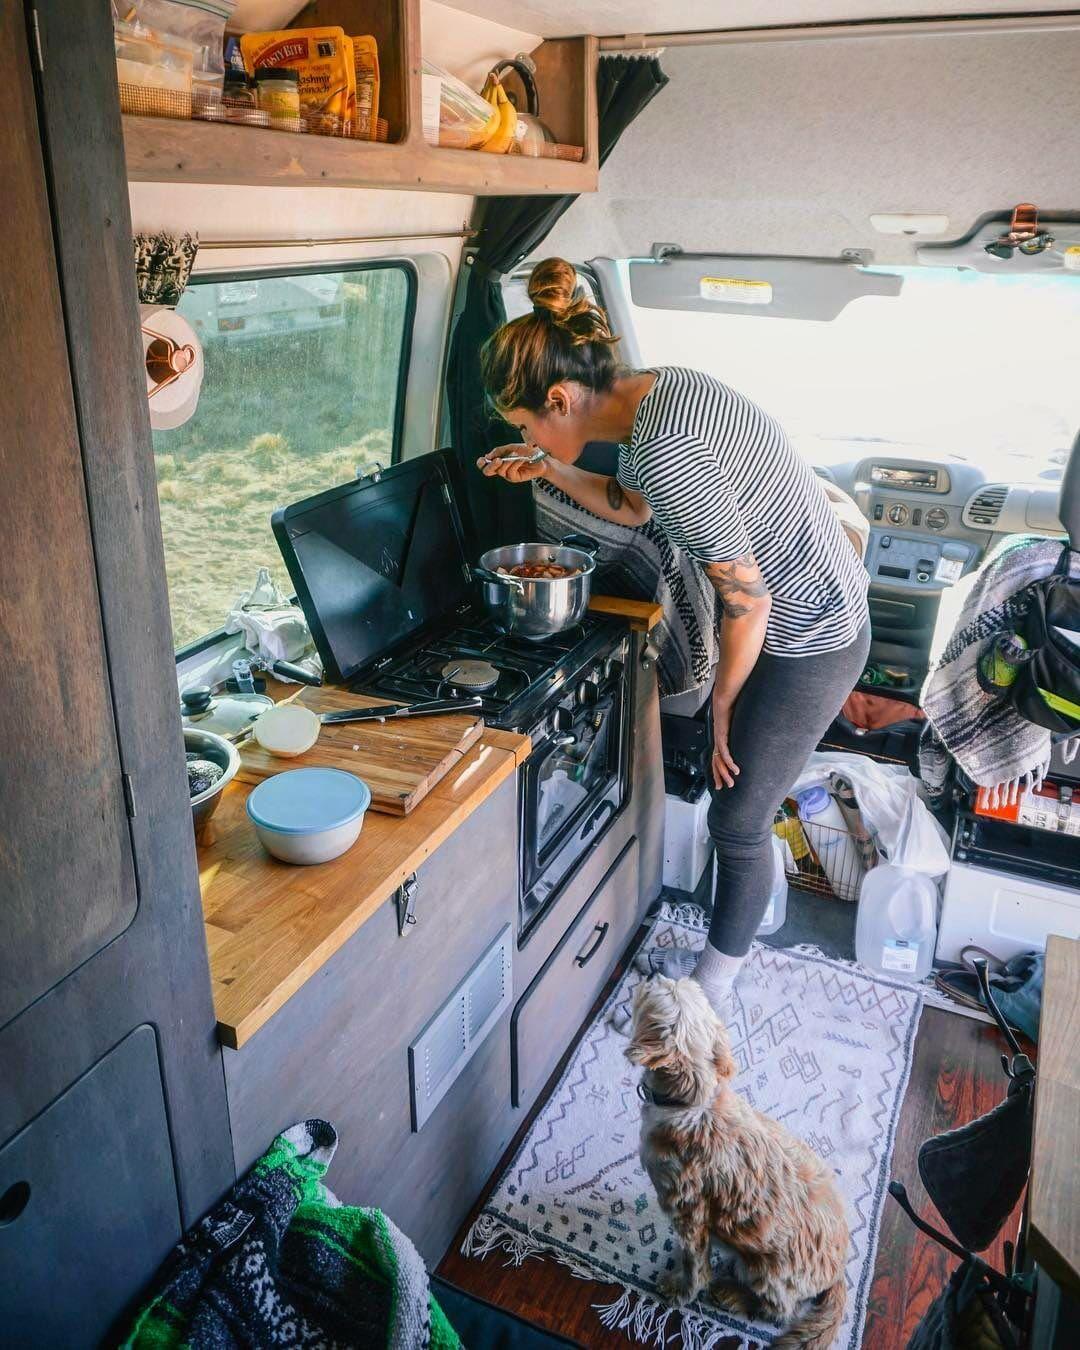 Camping Portable Oven Review | DIY Building a Van | Van life